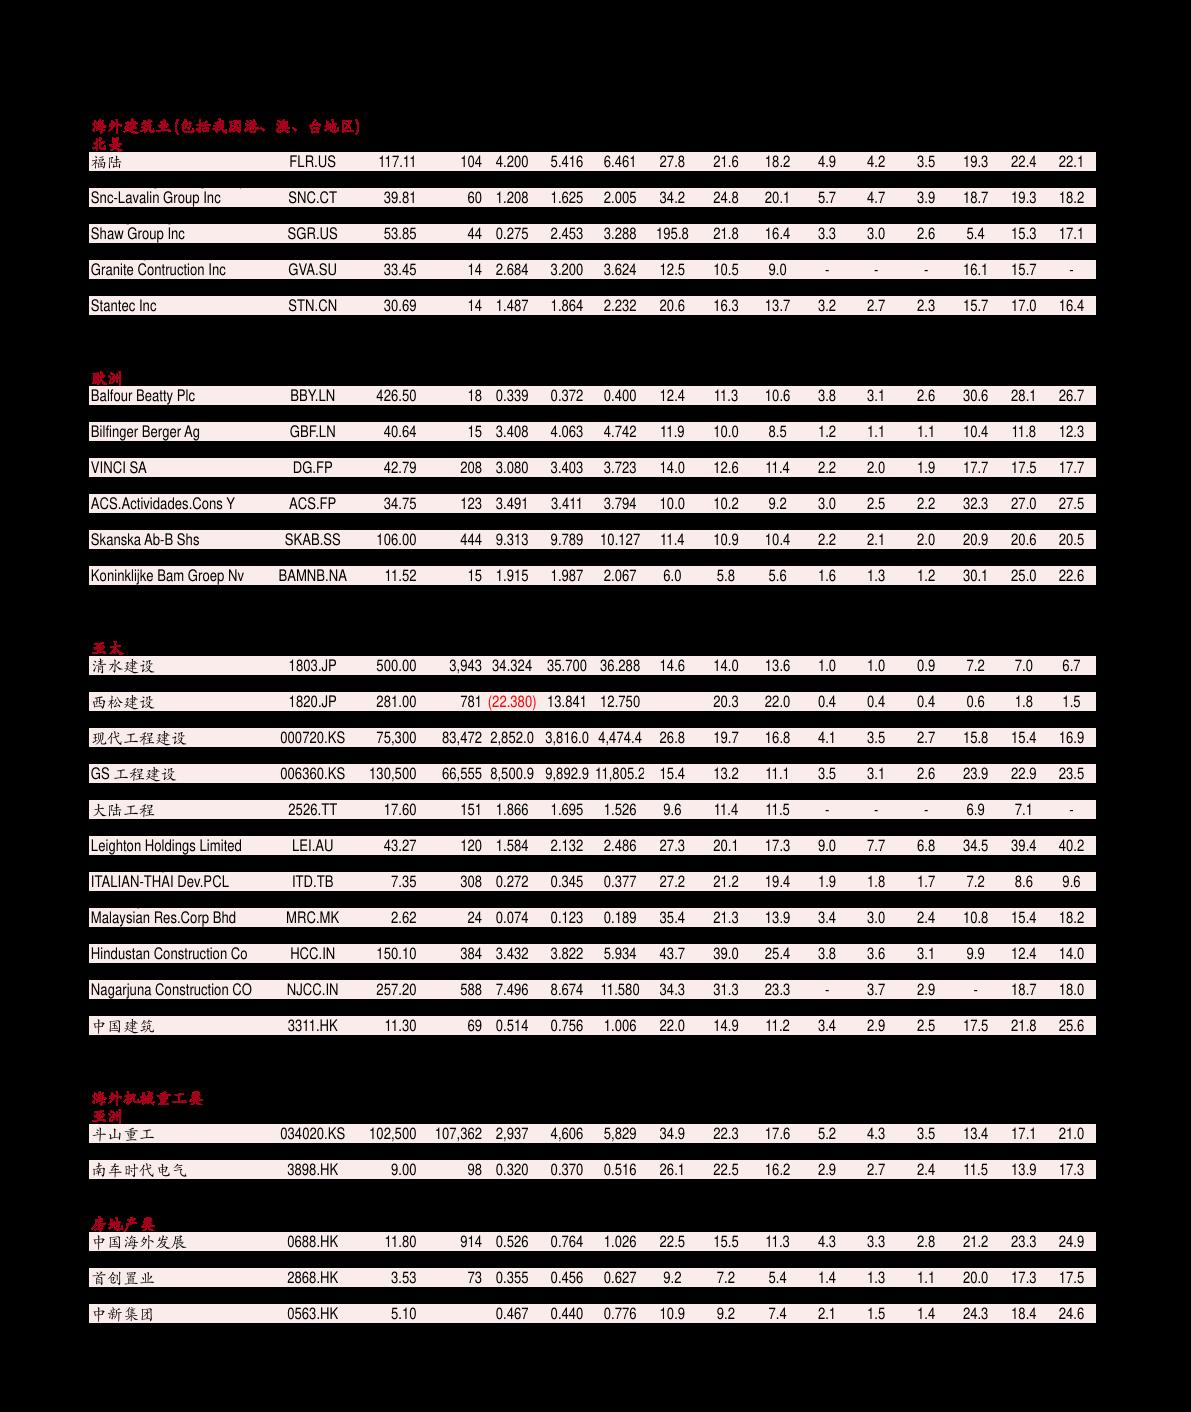 东吴雷火电竞平台-万华化学-600309-业绩预告超预期,综合竞争力再次凸显-210106